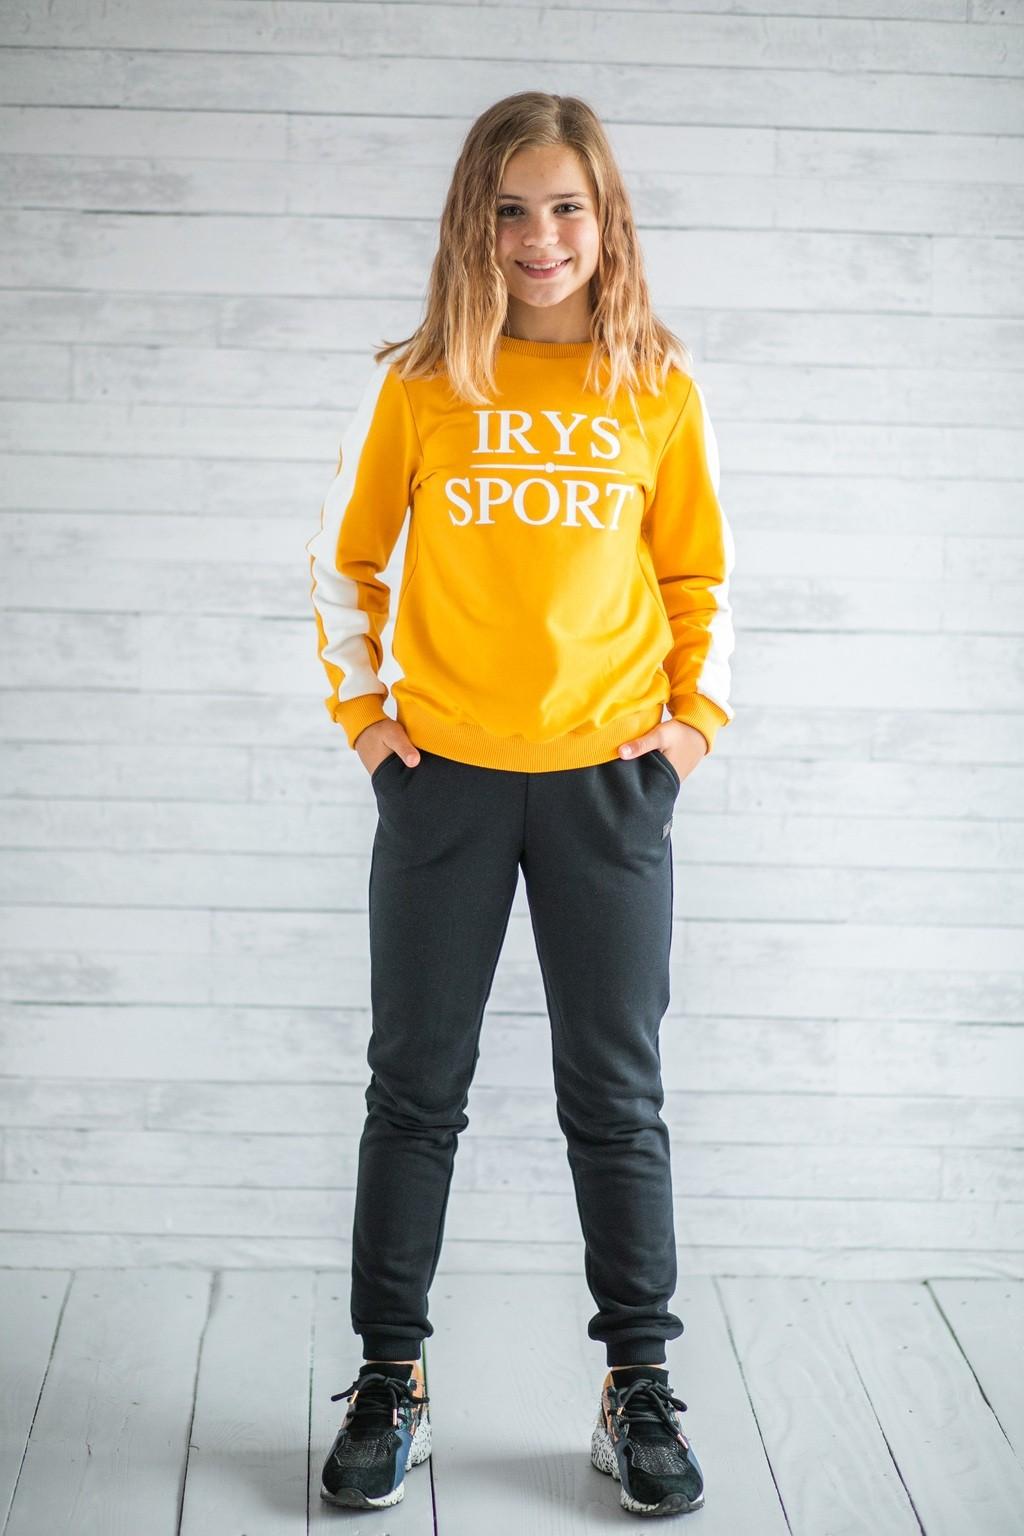 Спортивний костюм Yellow для дівчаток (підлітків) 7-15 років